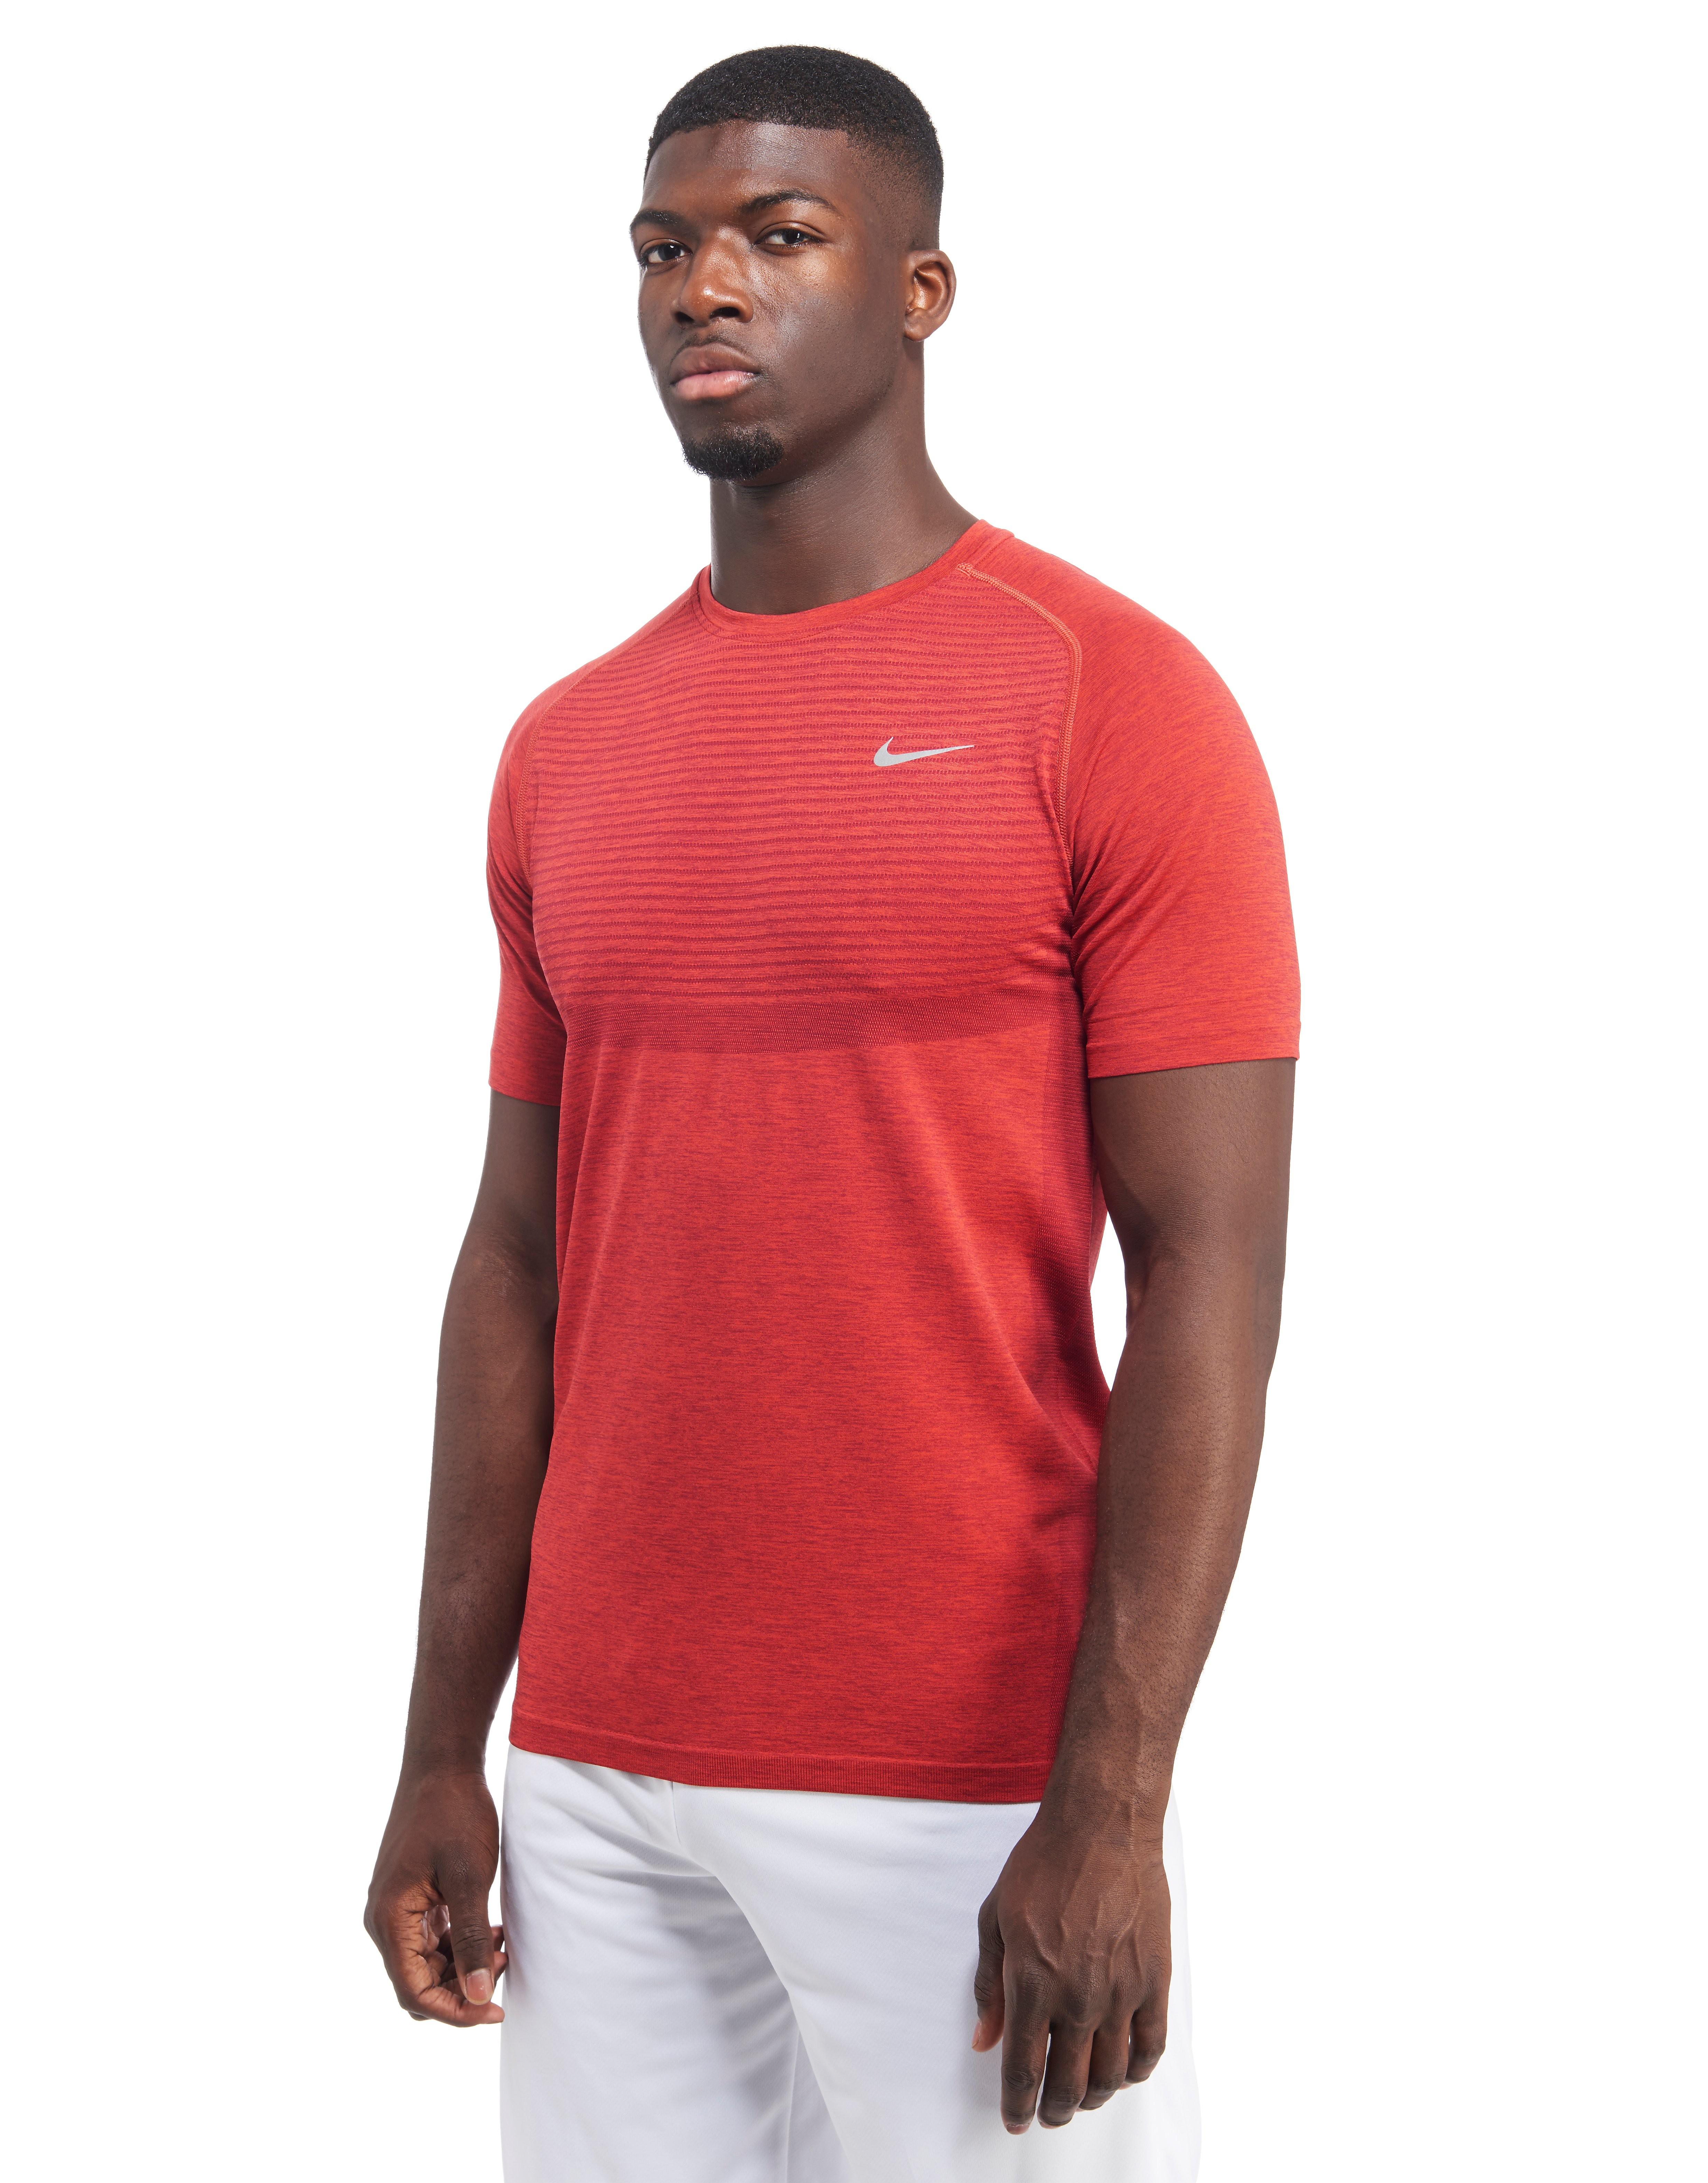 Nike Dri-FIT Knit T-Shirt